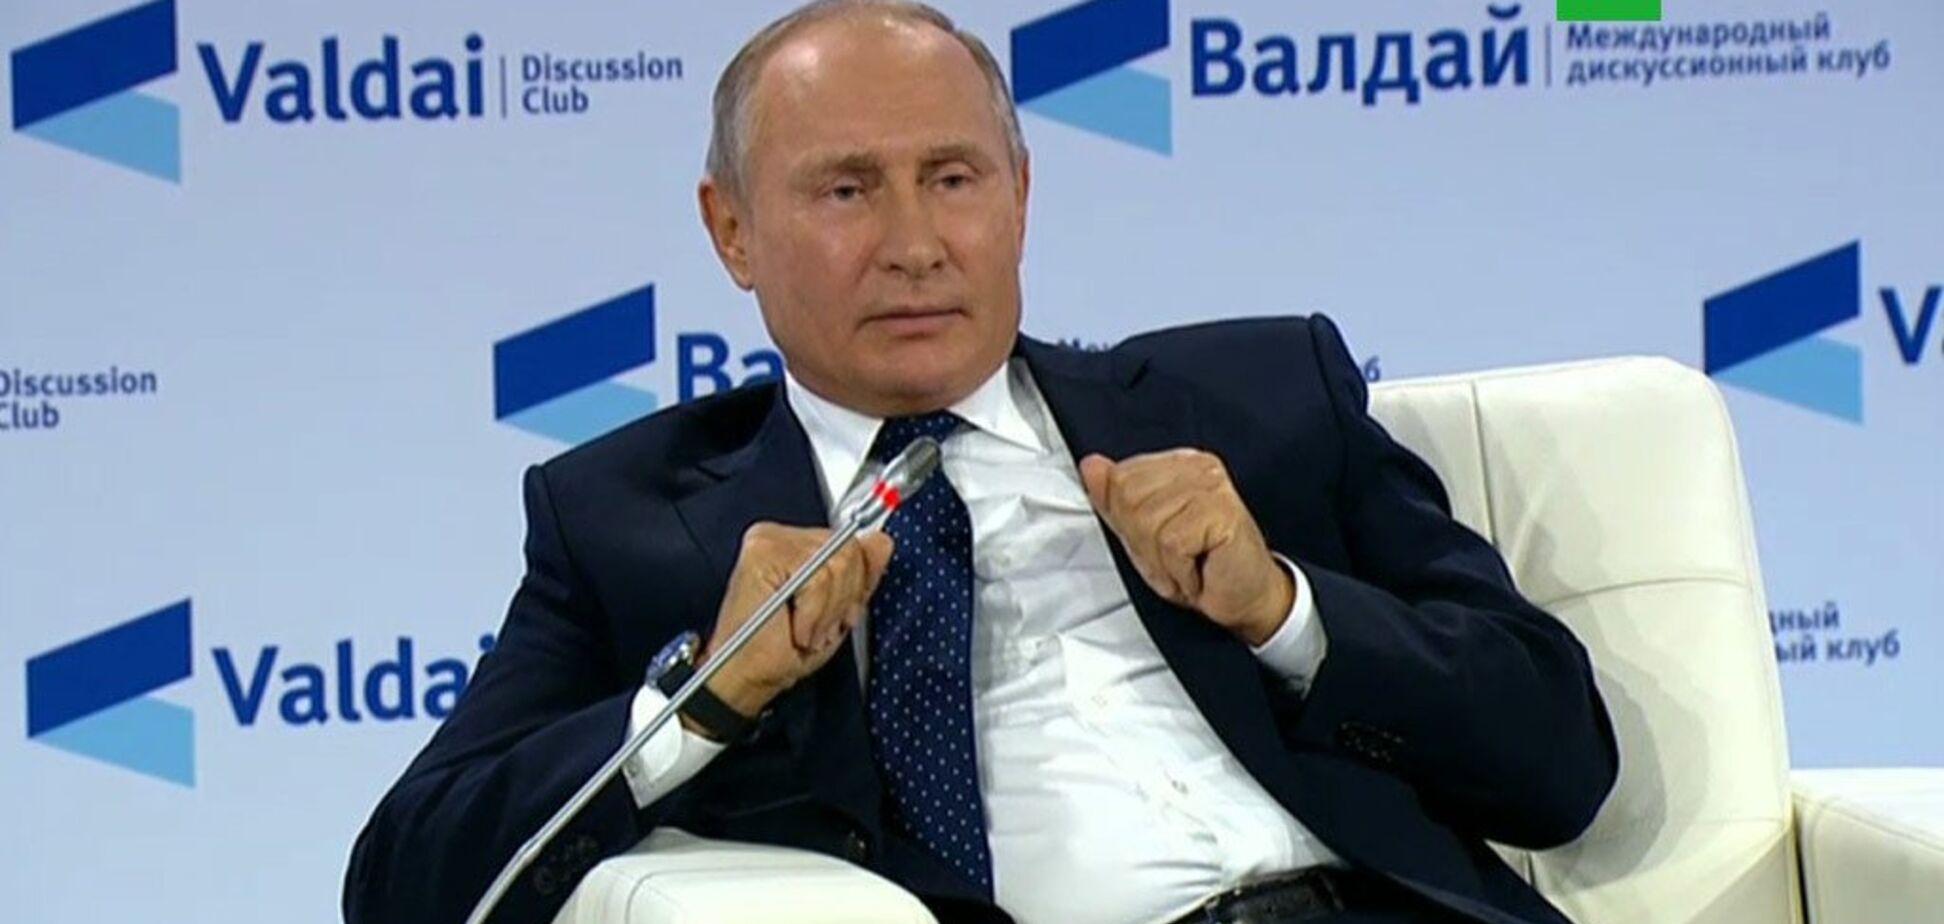 Правилом хорошего тона в России остается вранье